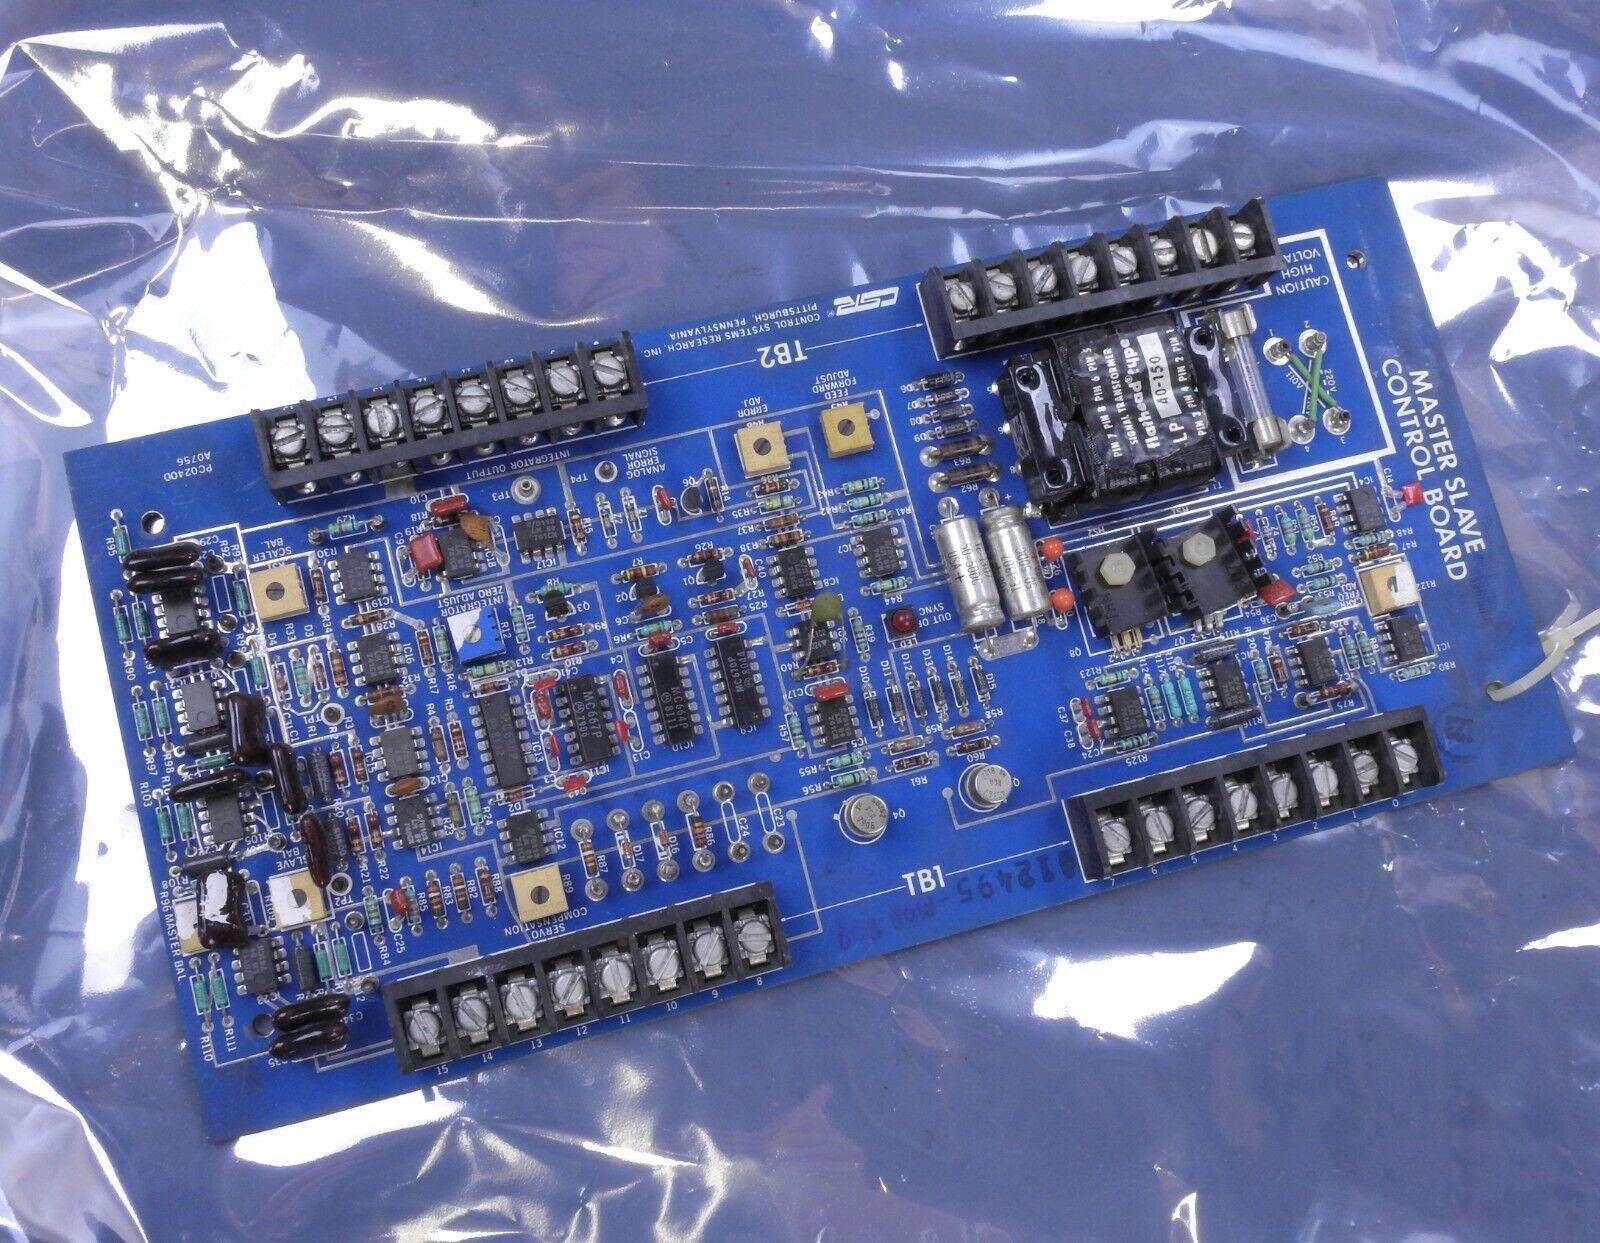 CSR Contraves PC-0240D